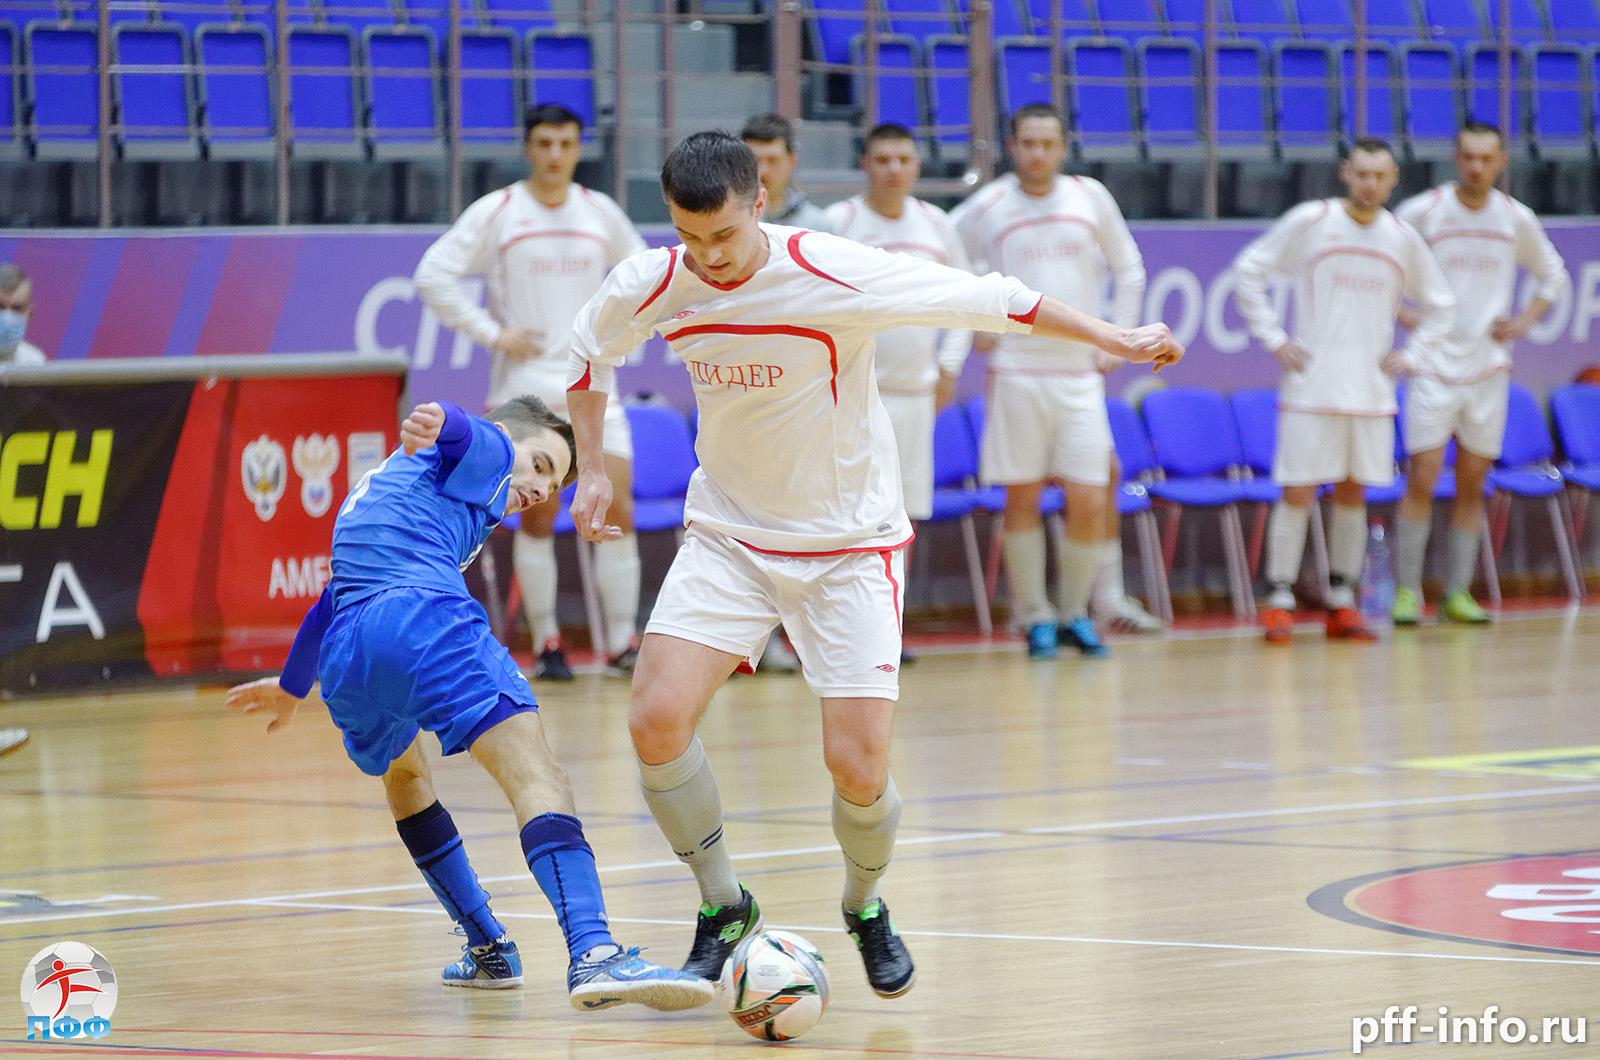 «Десна» выиграла первый круг Чемпионата Подольска по мини-футболу